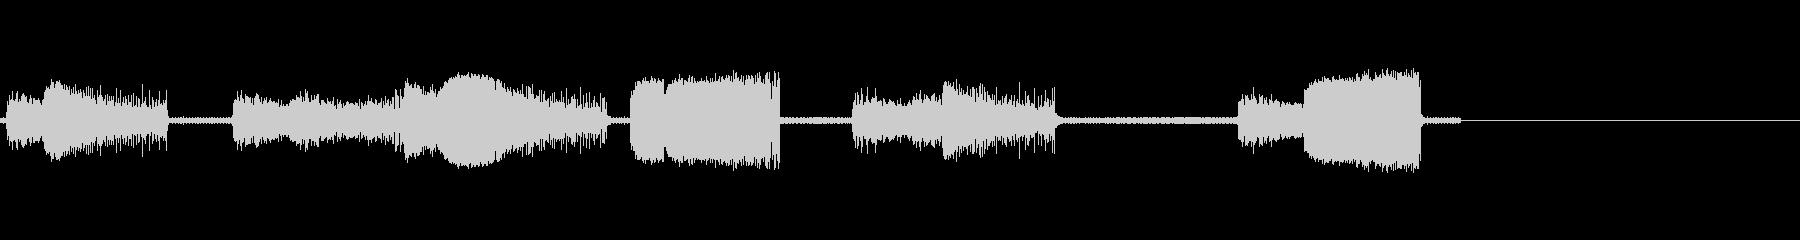 レーザー、アーケード4の未再生の波形